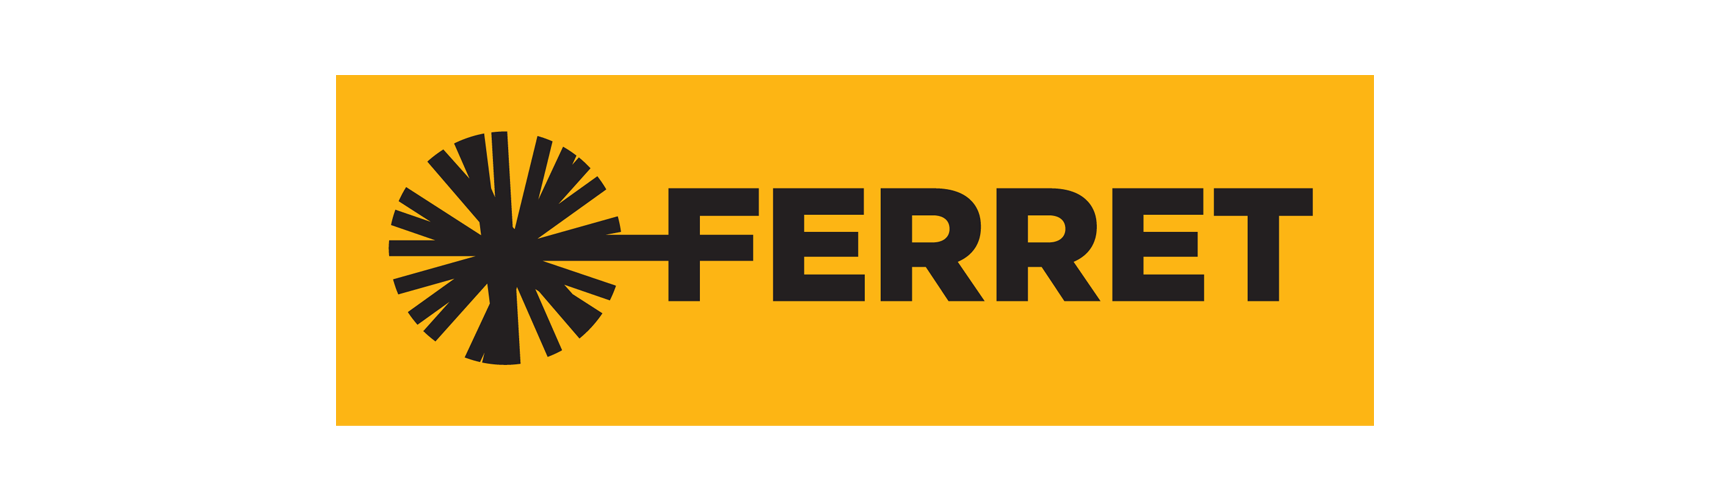 Ferret_1710